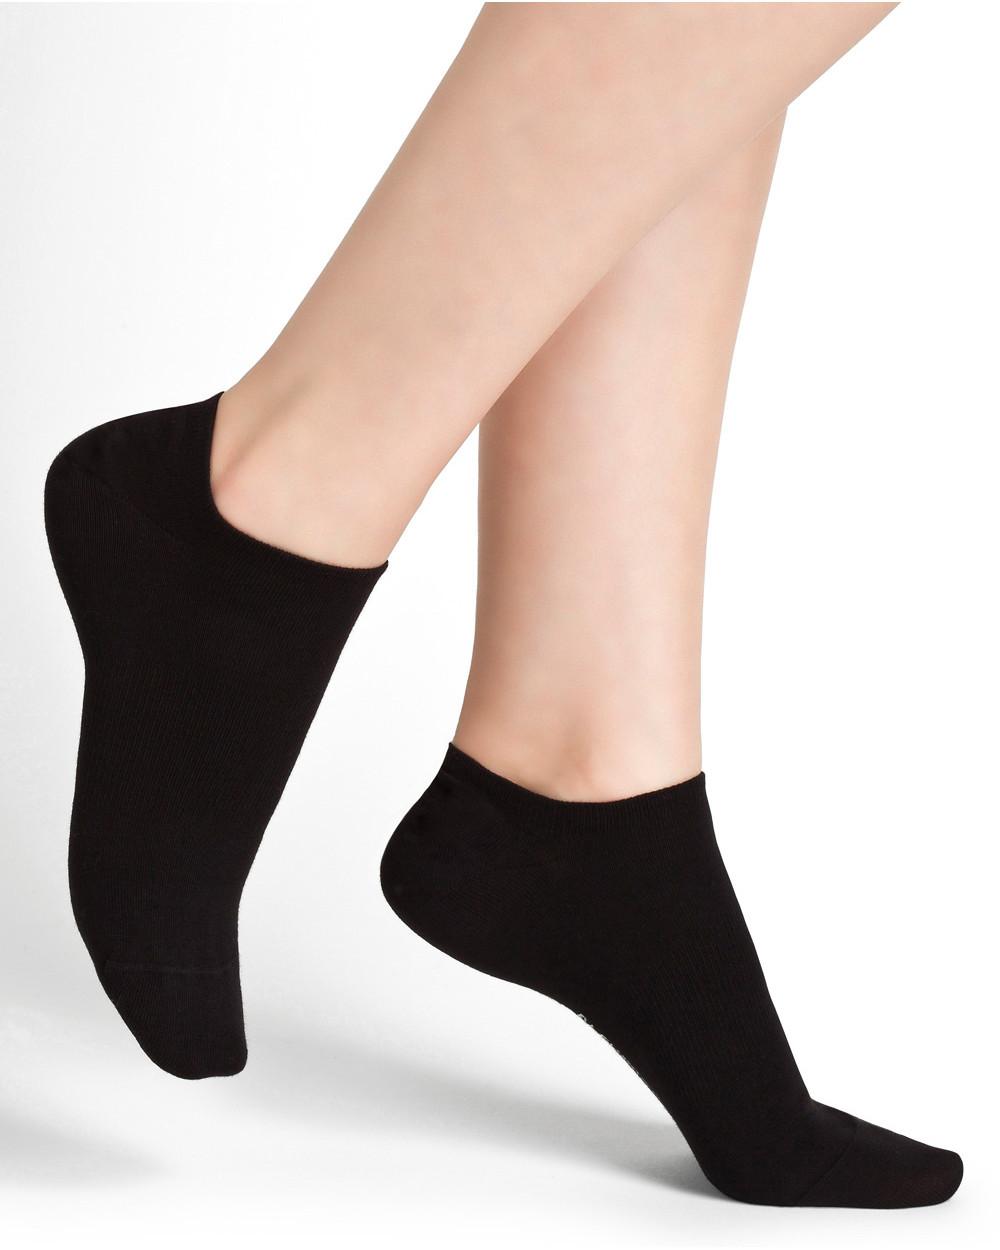 Low cut sports socks